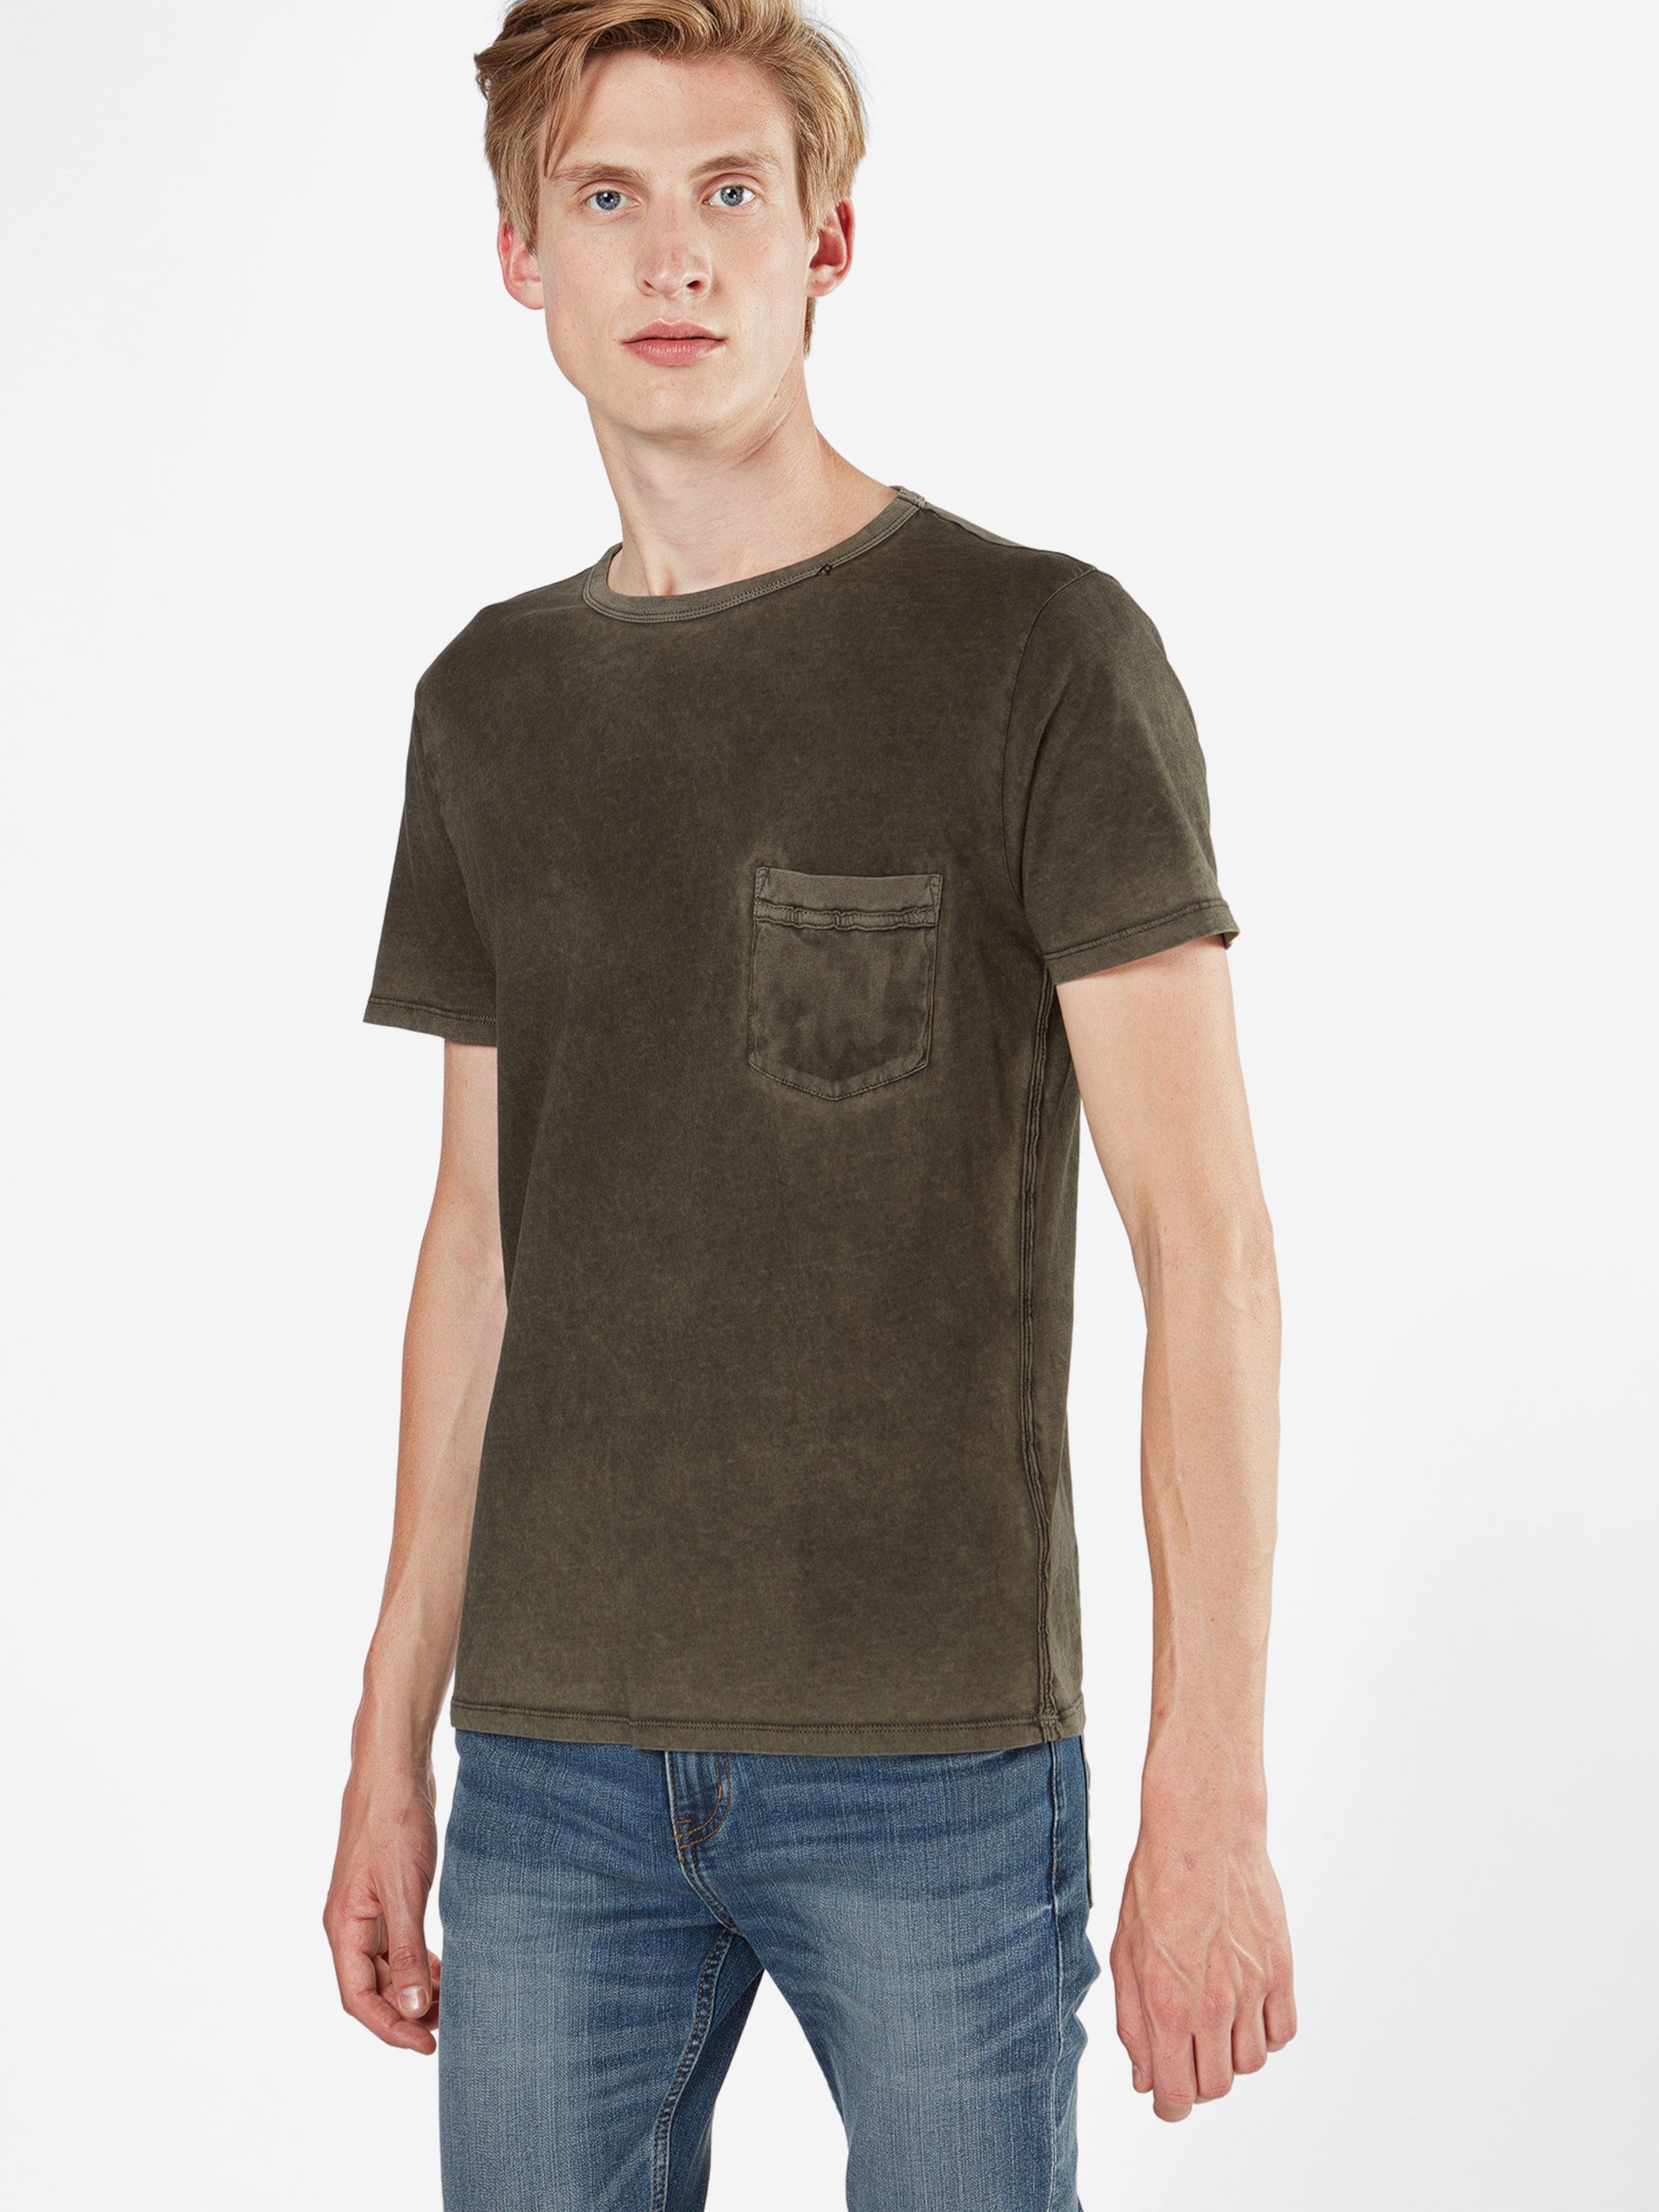 REPLAY T-Shirt Spielraum 2018 Günstigen Preis Kaufen Rabatt Erhalten Online Kaufen 5YgIT04wI